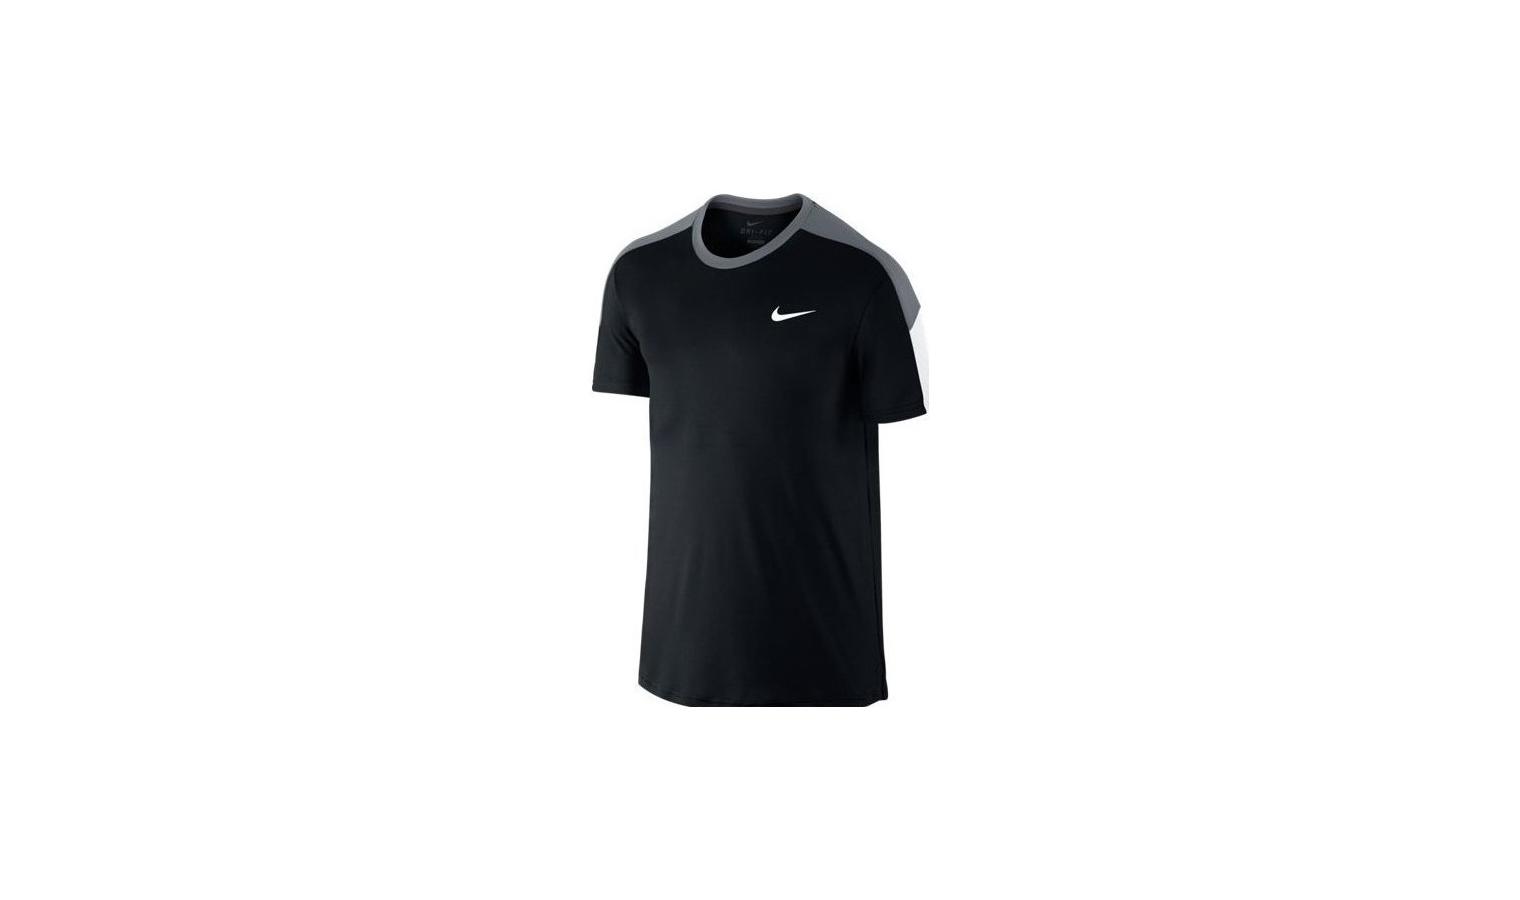 7005afa194f2 Pánske tenisové tričko Nike TEAM COURT CREW čierne